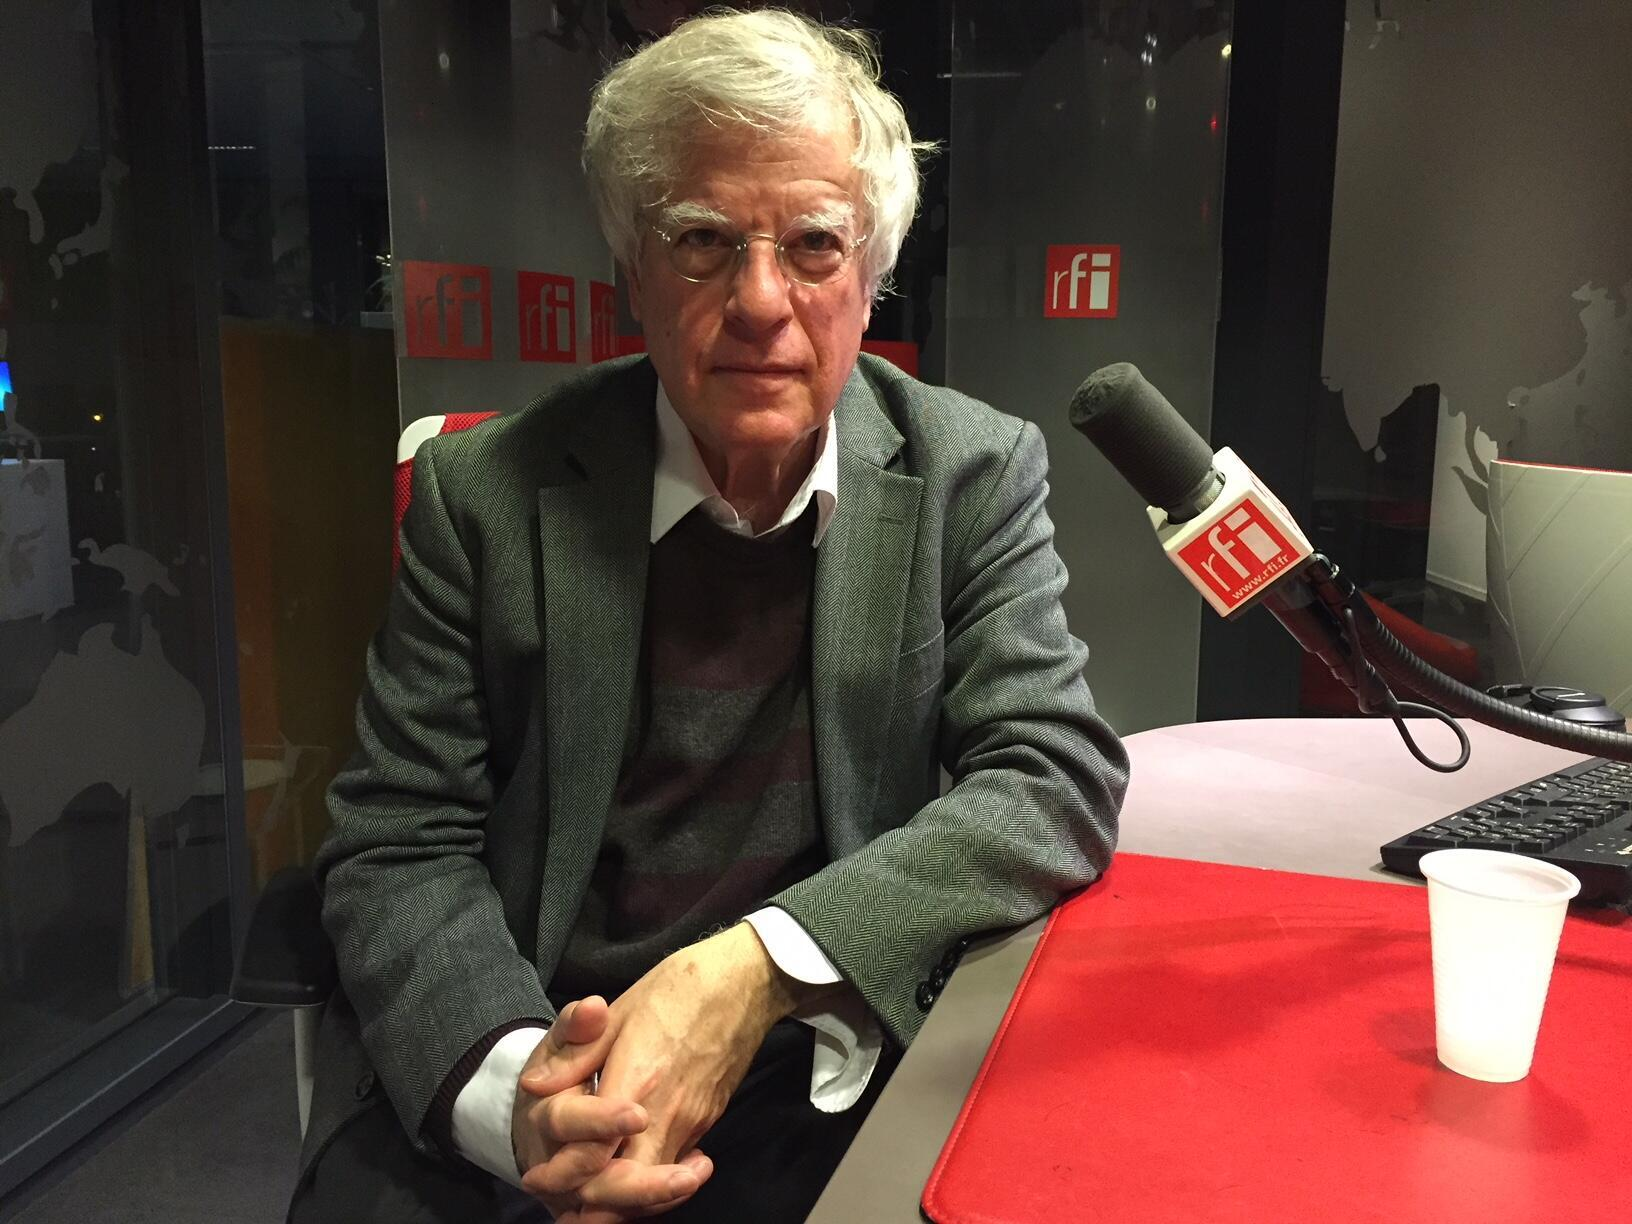 Дэвид Саттер в студии RFI, 20 января 2018 года